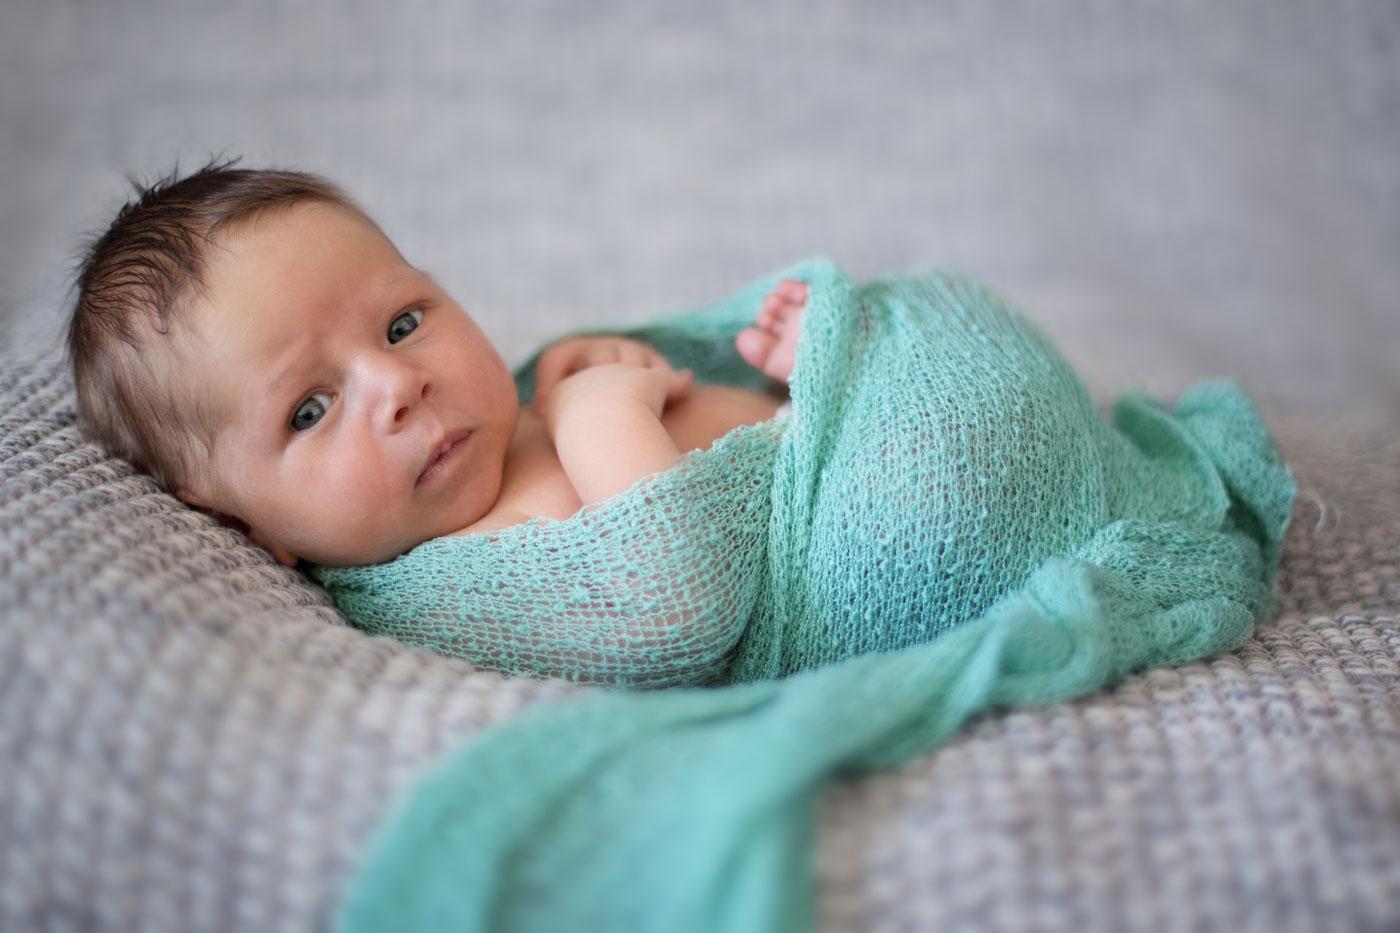 fotografia newborn de un bebe envuelto en unos wraps